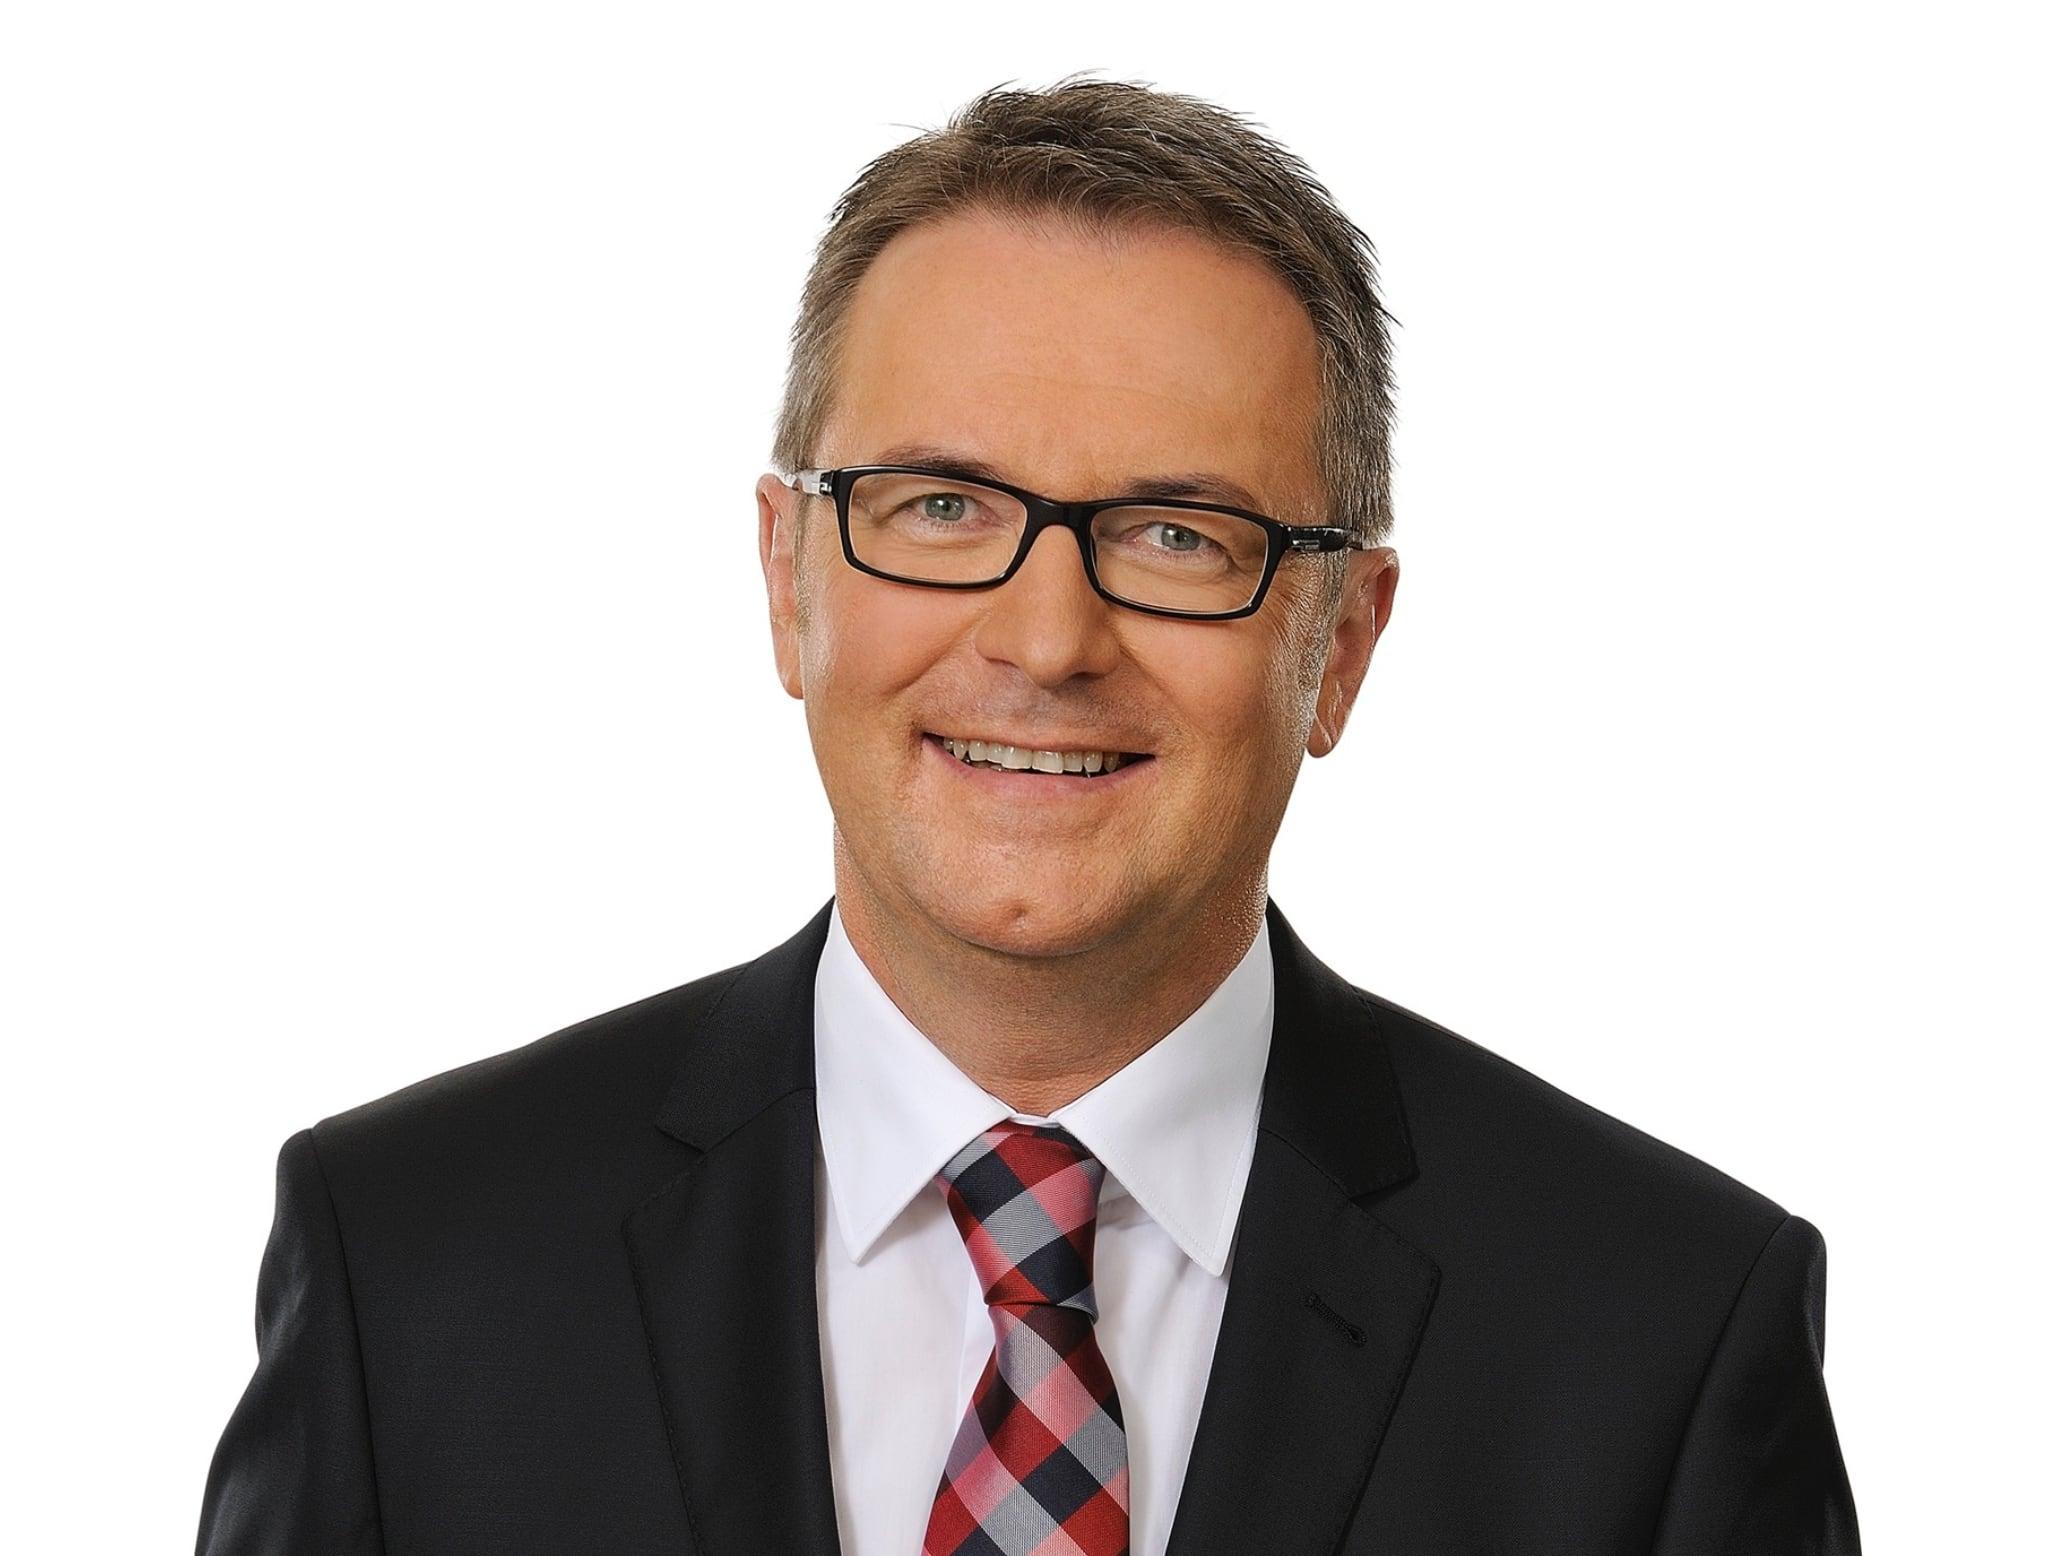 Präsident der Handwerkskammer für Mittelfranken und Friseurmeister Thomas Pirner. Foto: Handwerkskammer für Mittelfranken